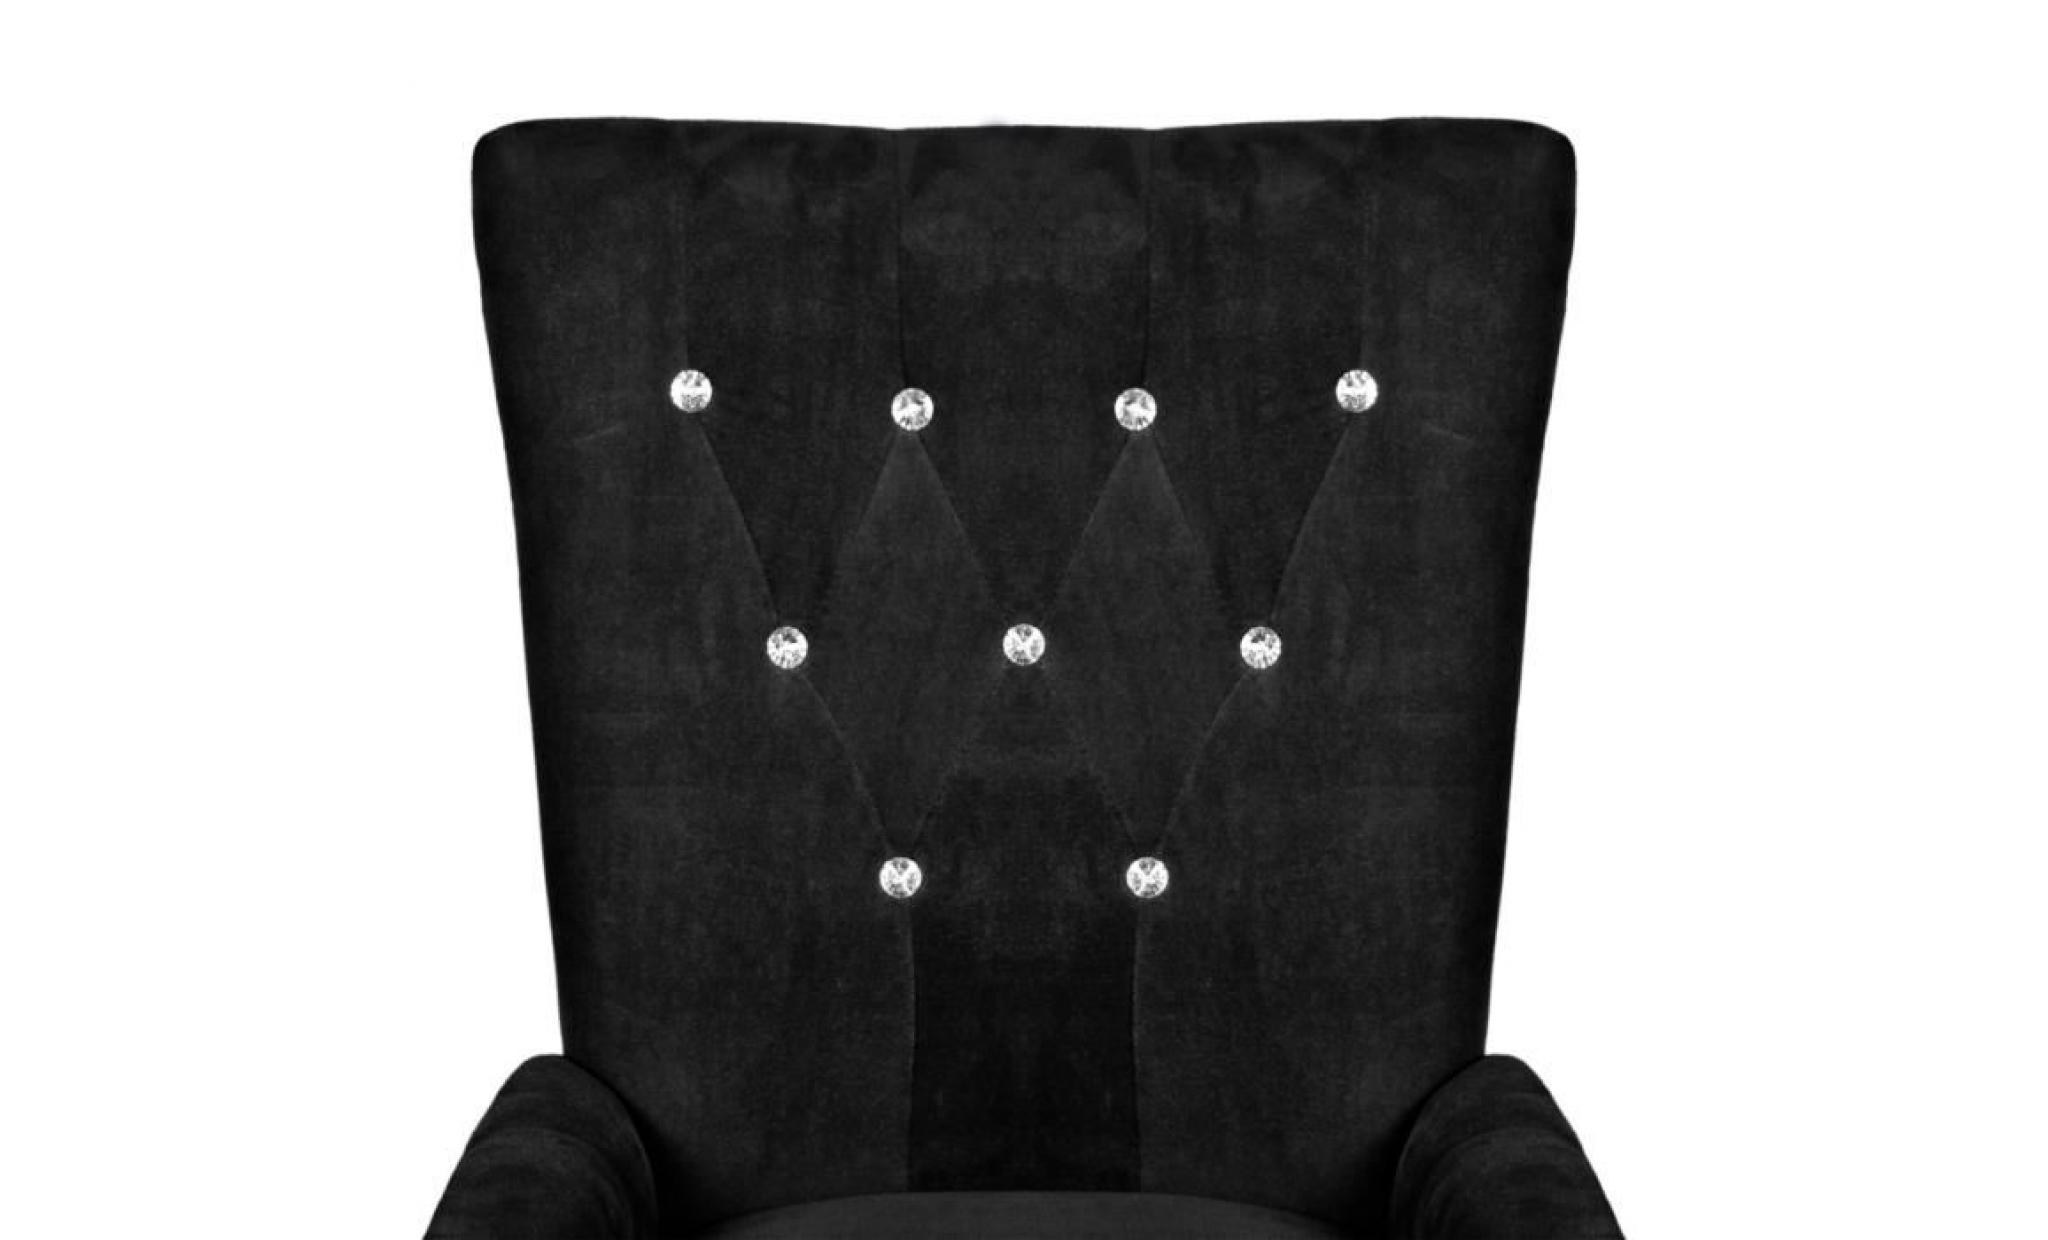 Chaise capitonn e noir 54 x 56 x 106 cm achat vente Chaise salle a manger capitonnee